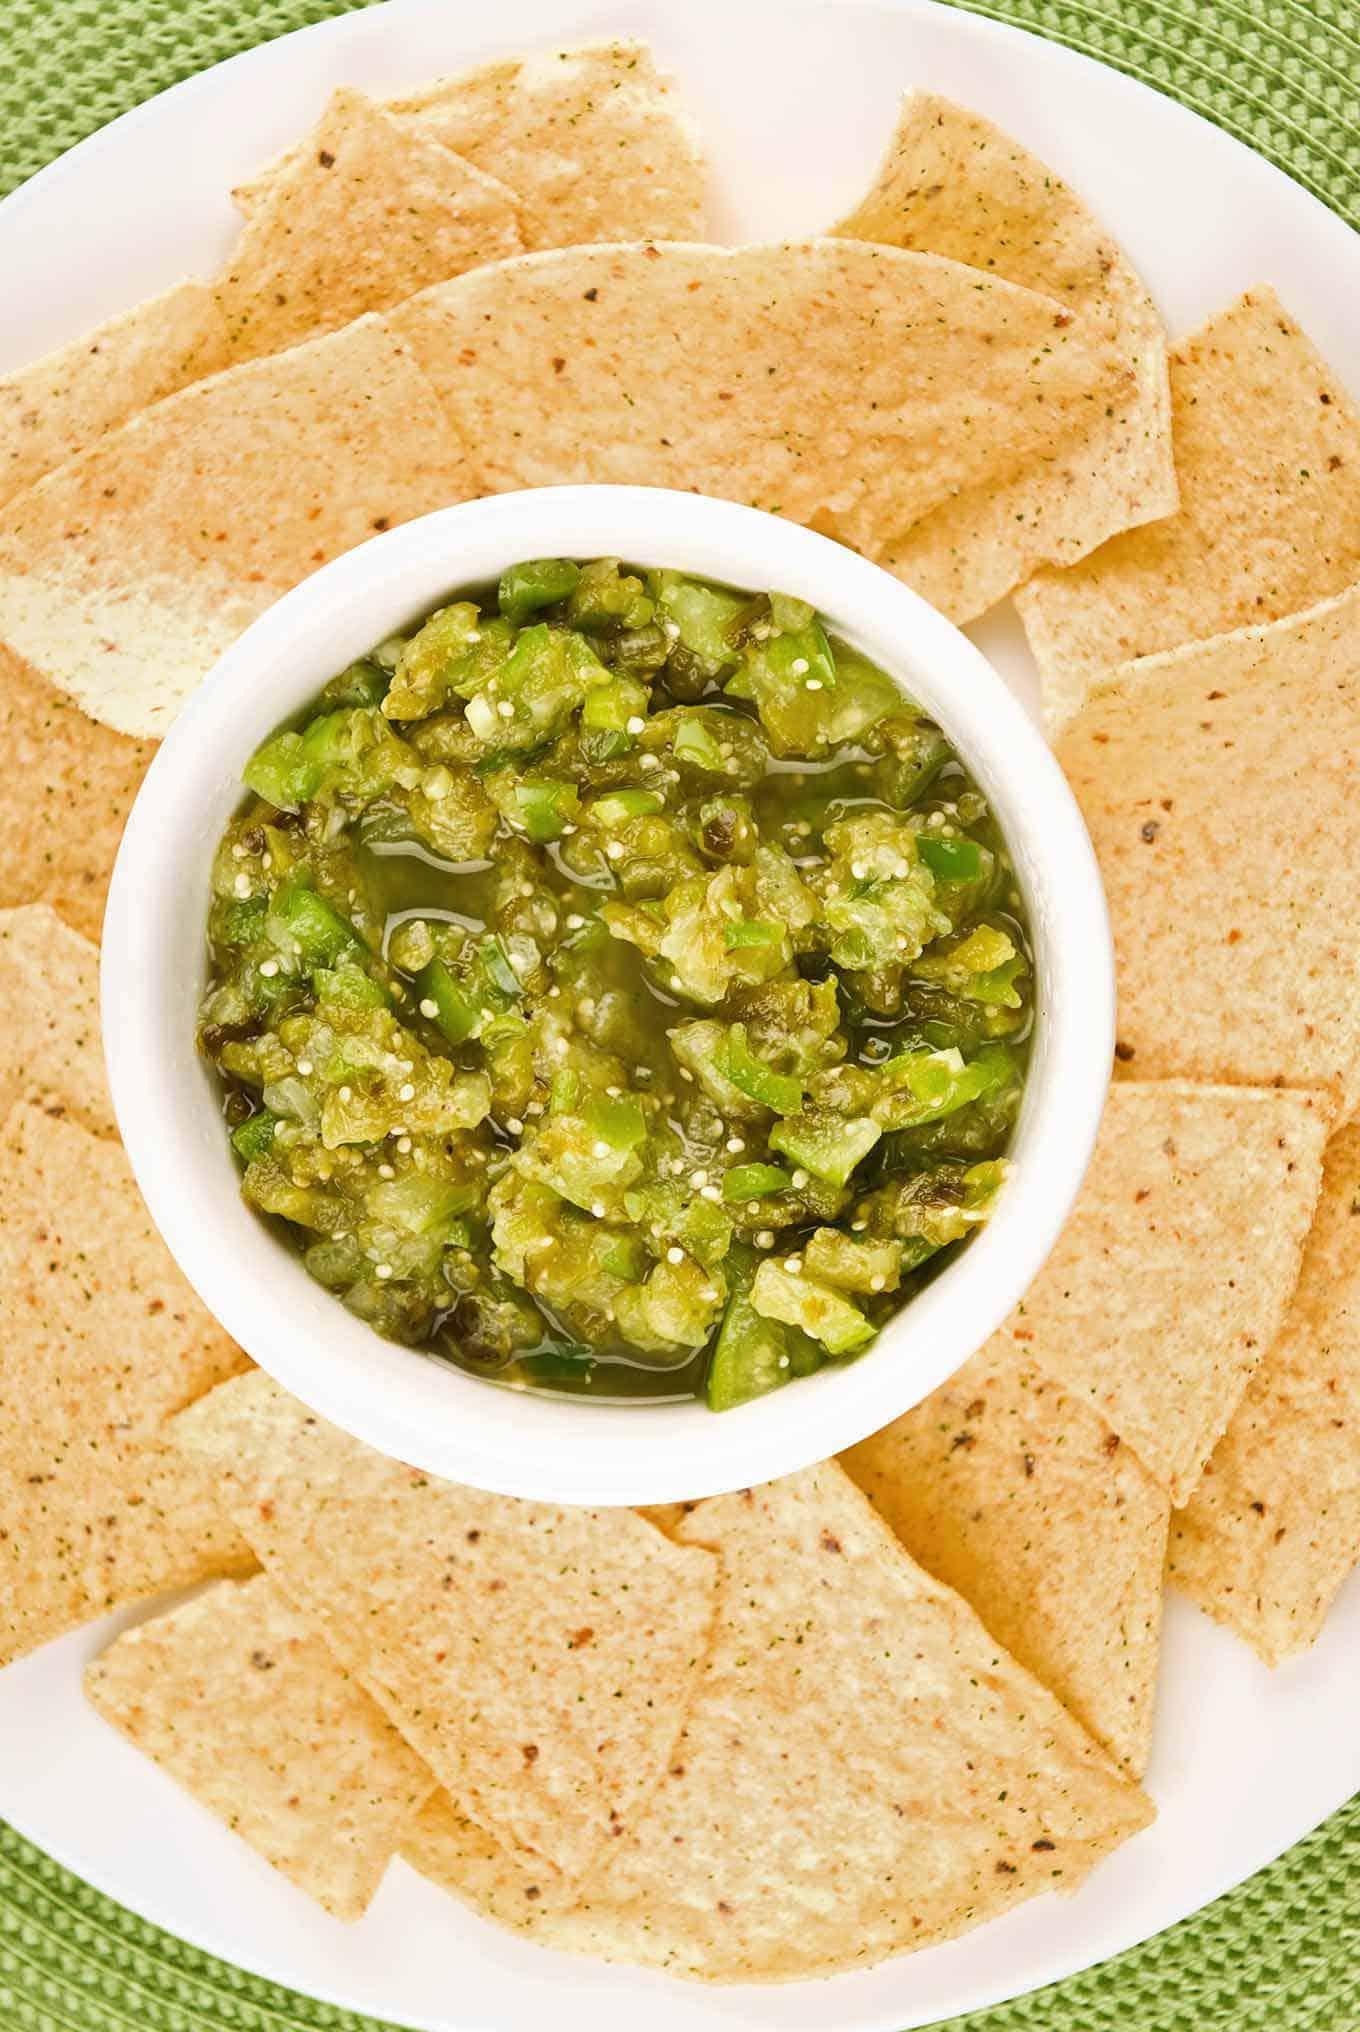 A platter of tortilla chips arranged around a bowl of salsa verde.